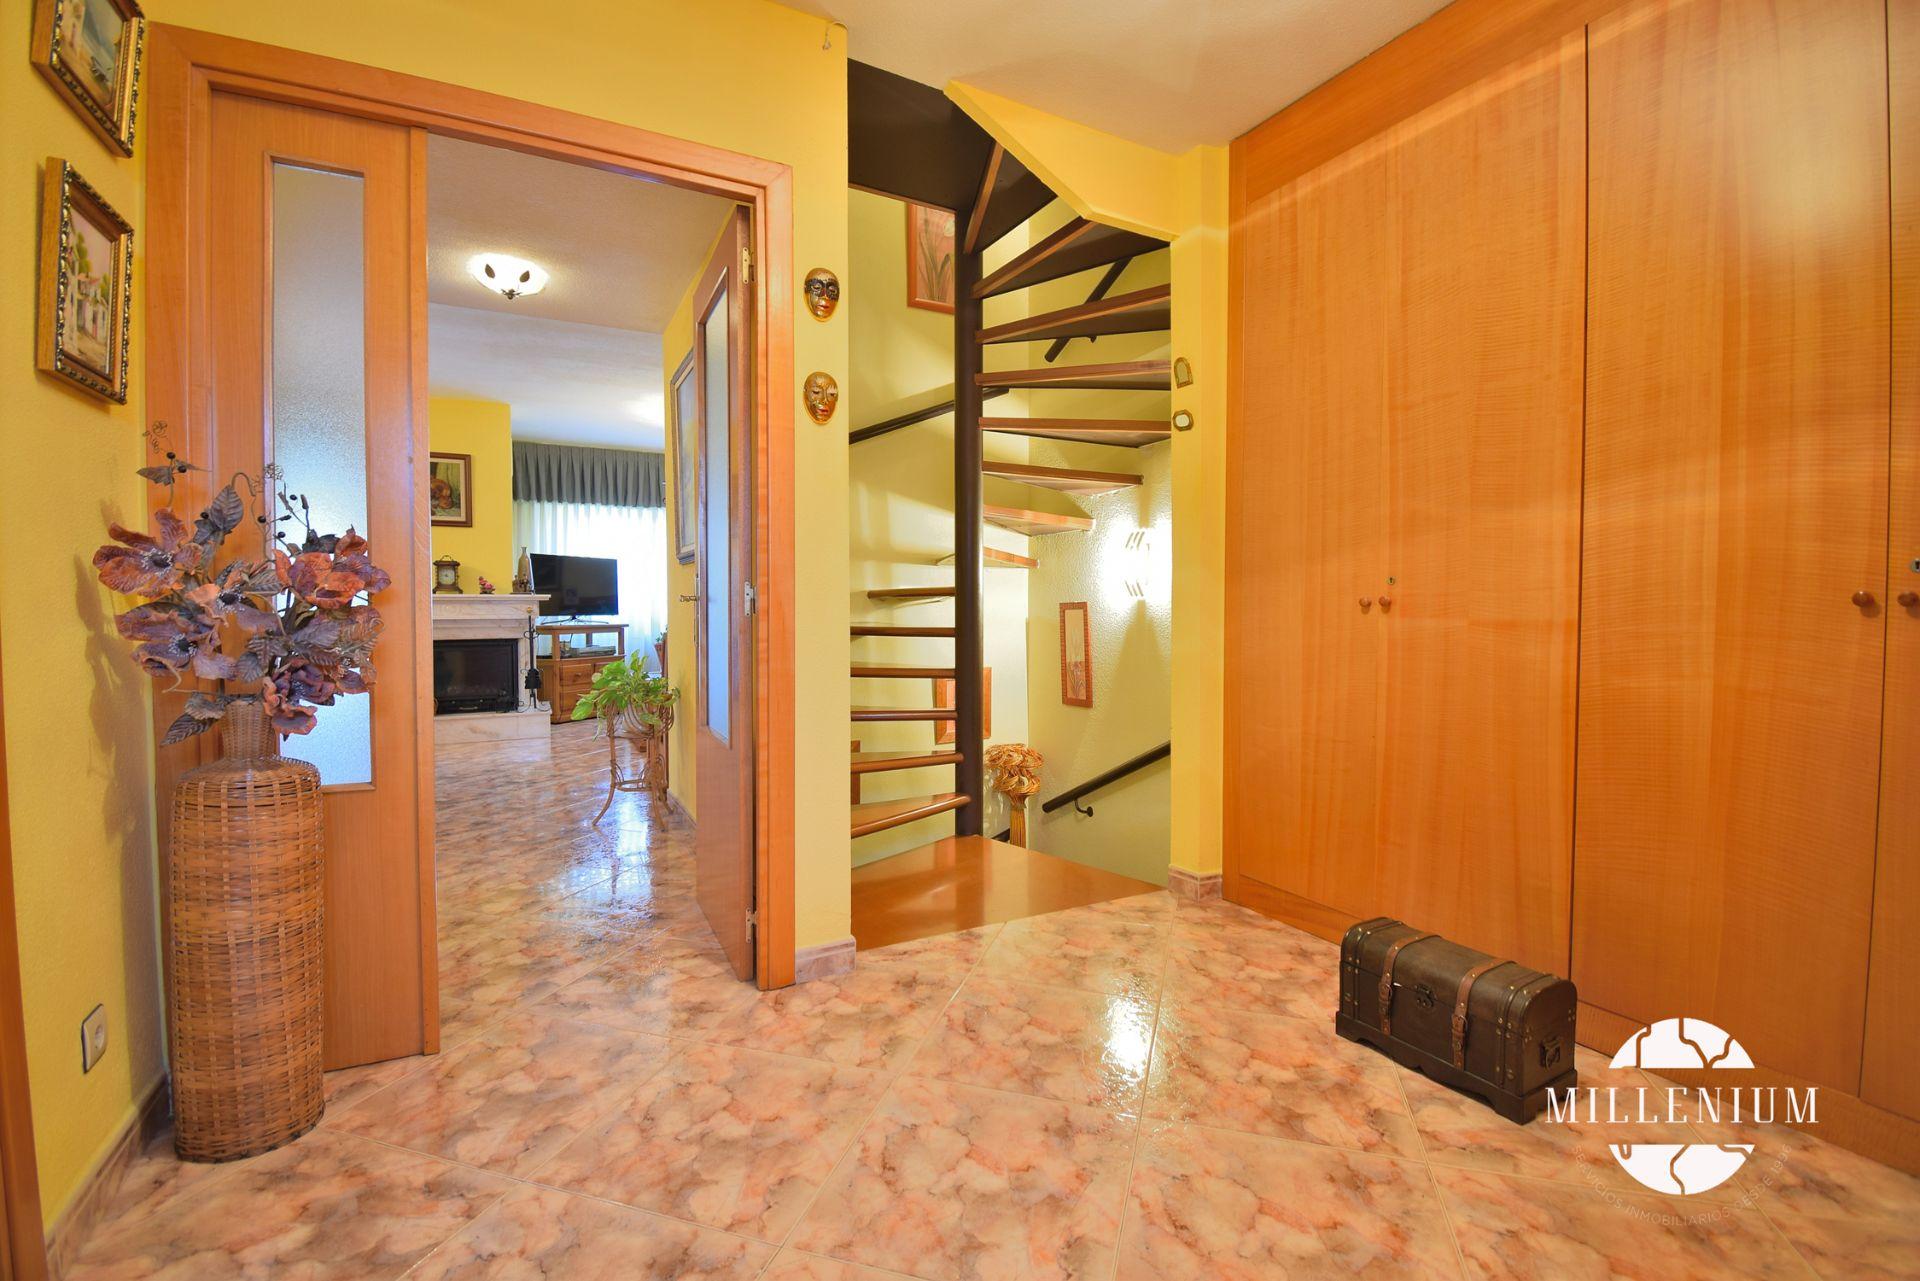 Casa / Chalet en San Fernando de Henares, Parque Henares, venta